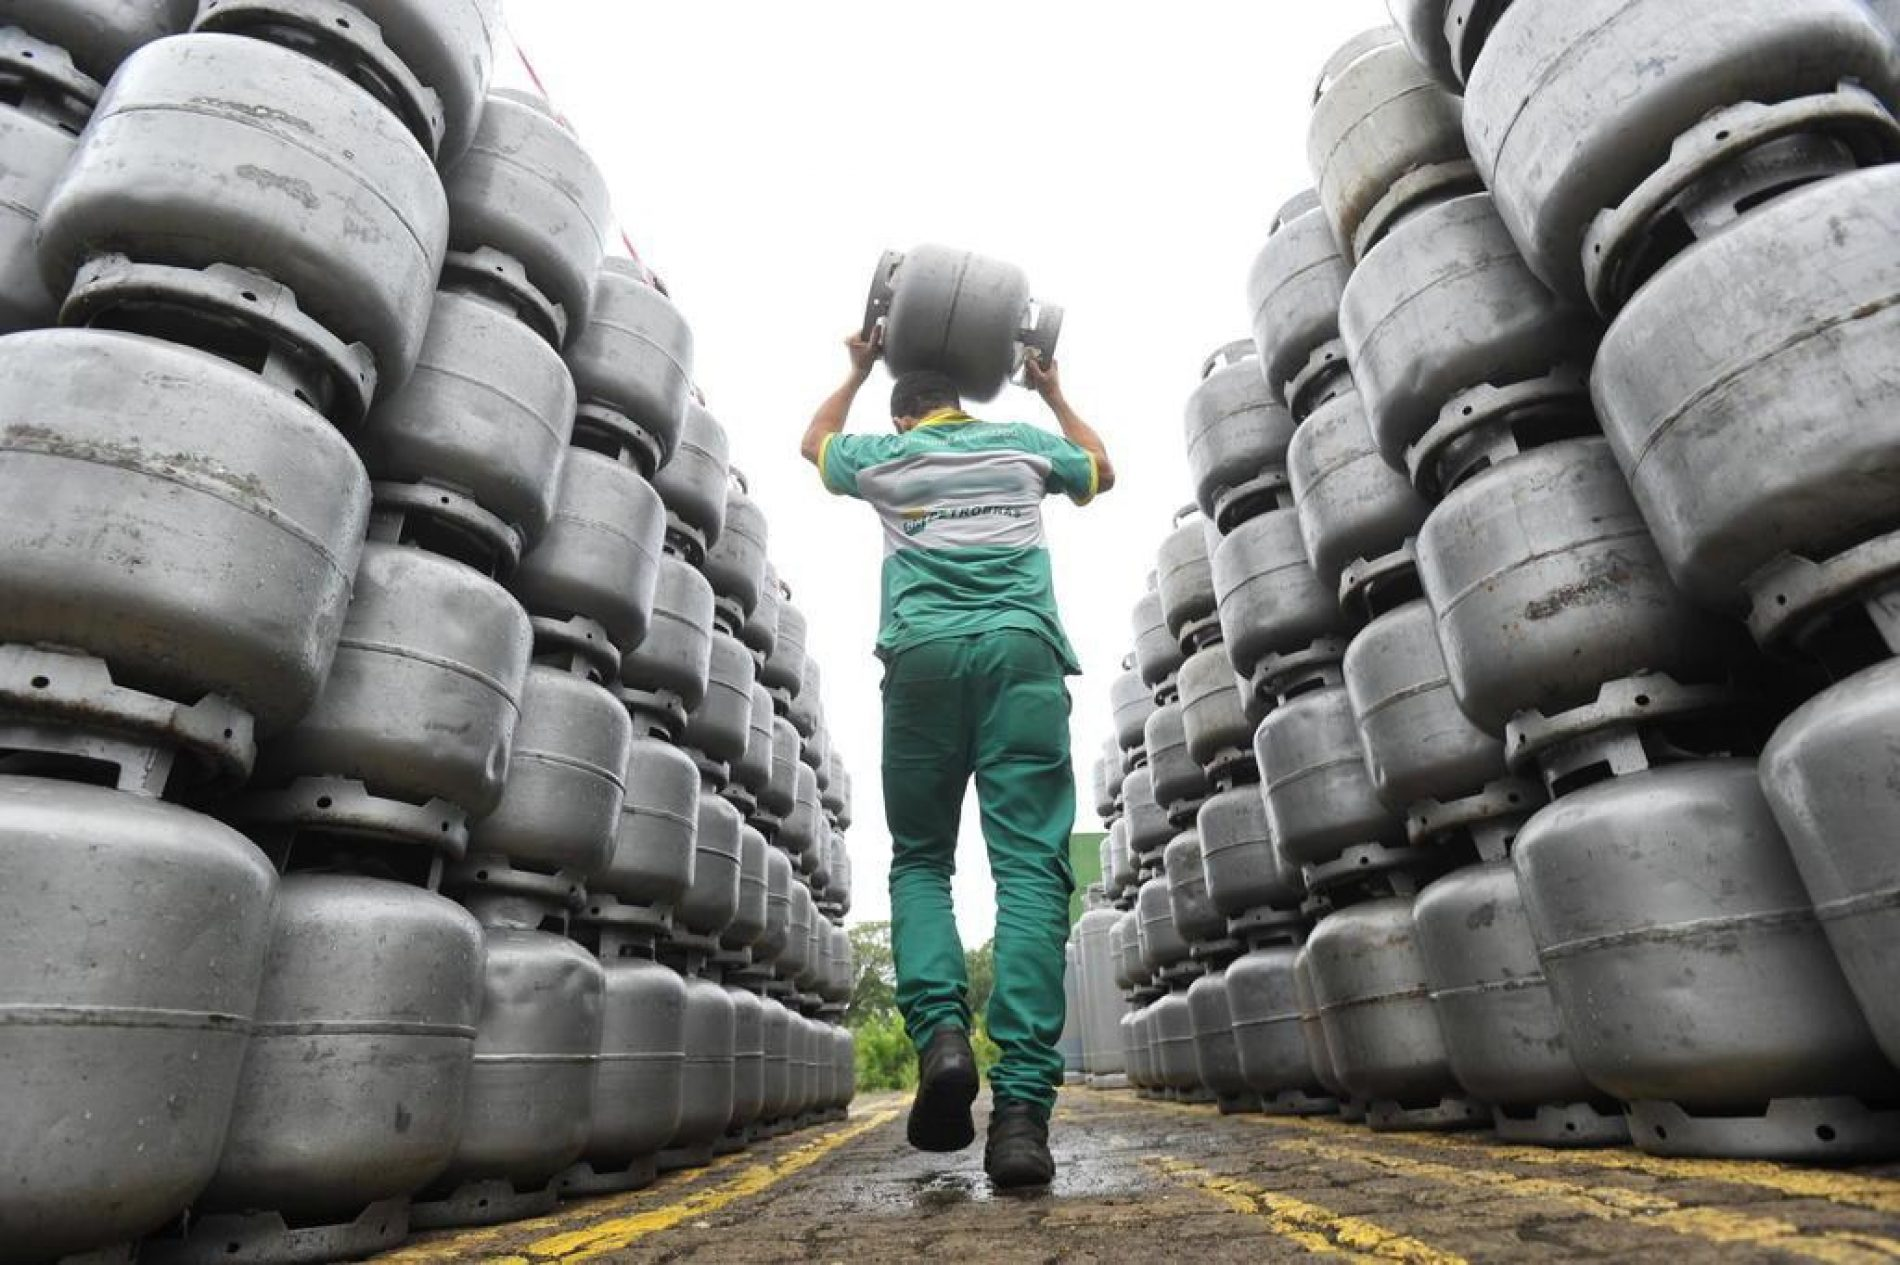 Petrobras reduz o preço do gás de cozinha para as distribuidoras